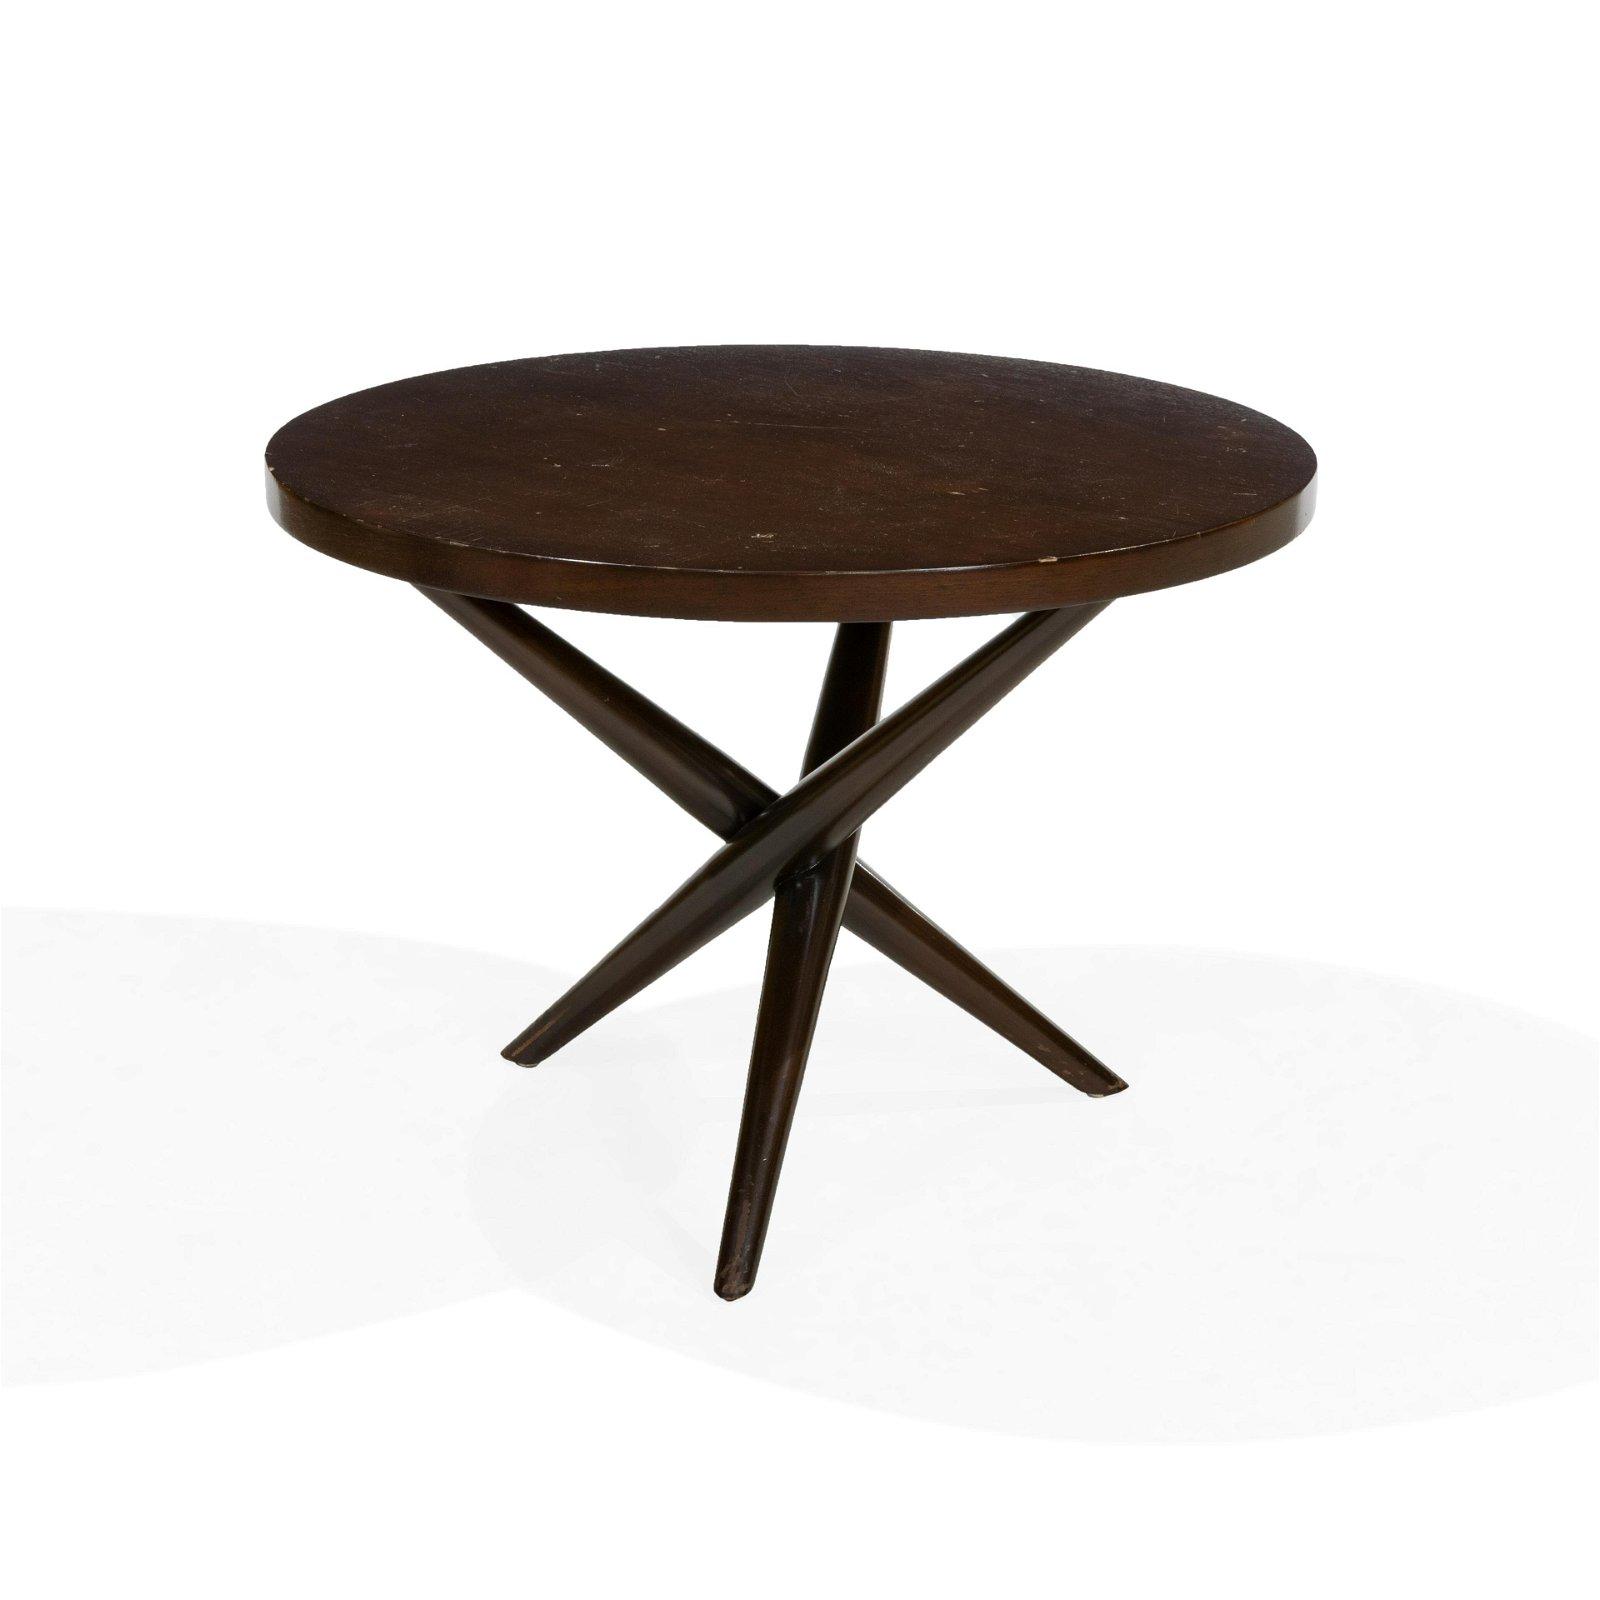 T.H. Robsjohn-Gibbings - Widdicomb Table